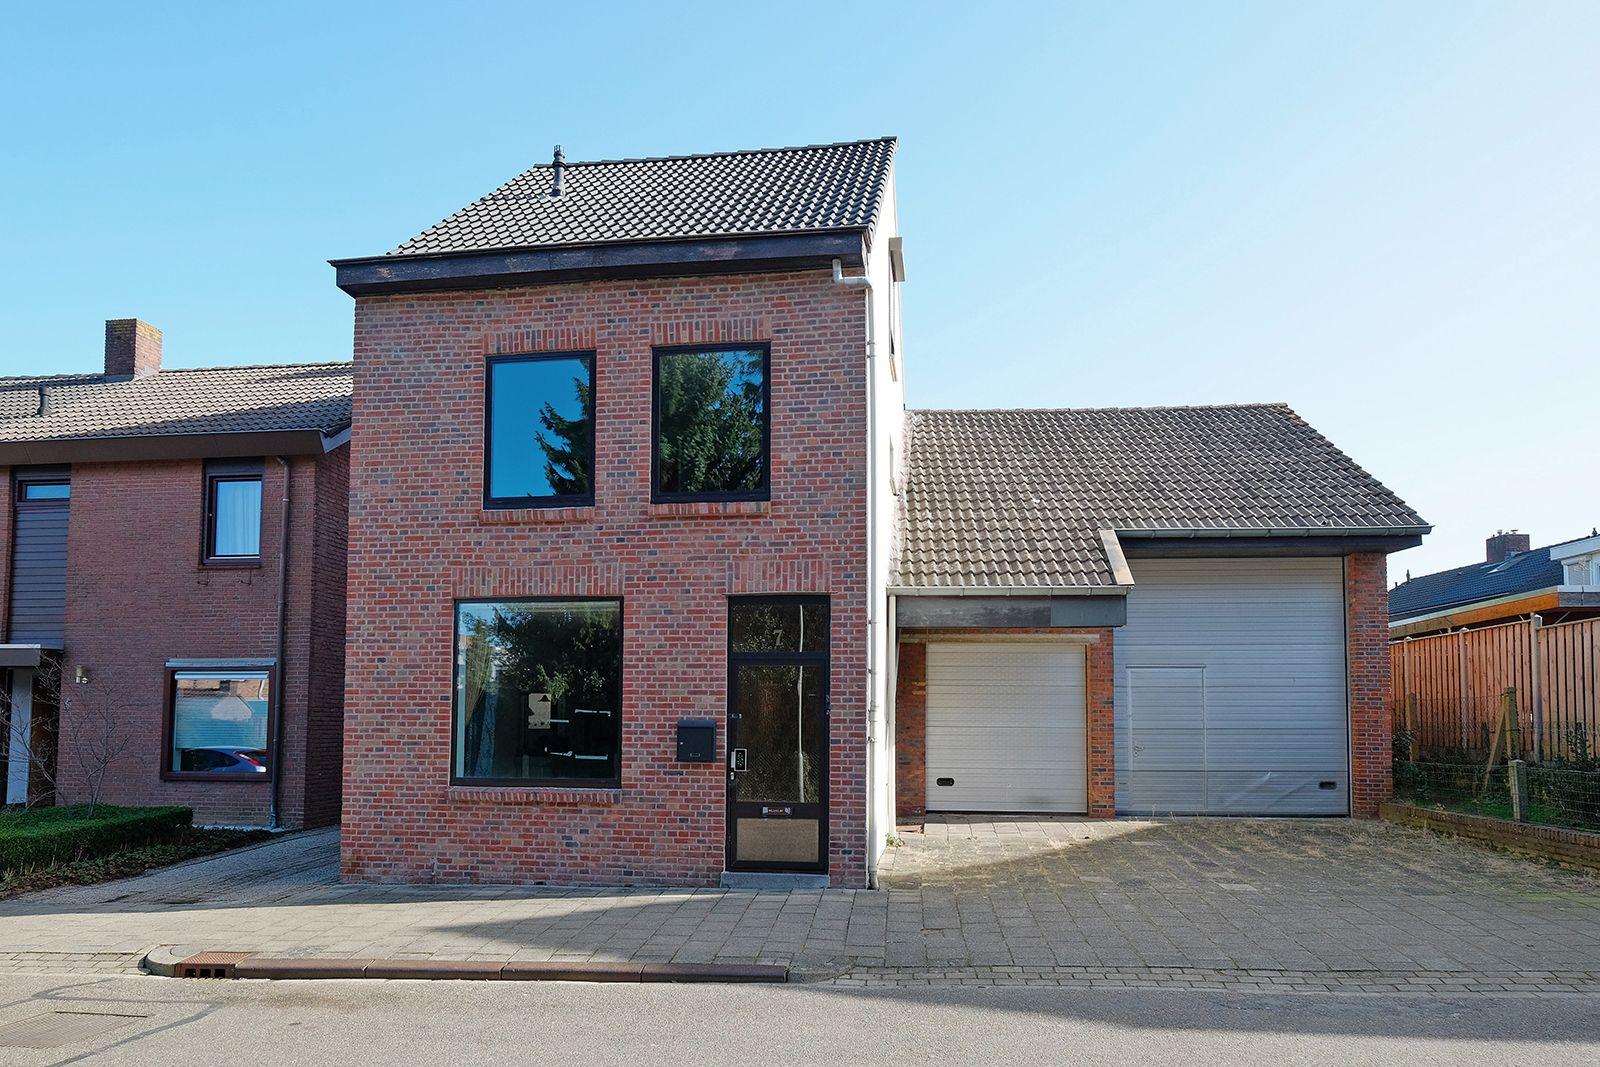 Savelbergstraat 7, Landgraaf